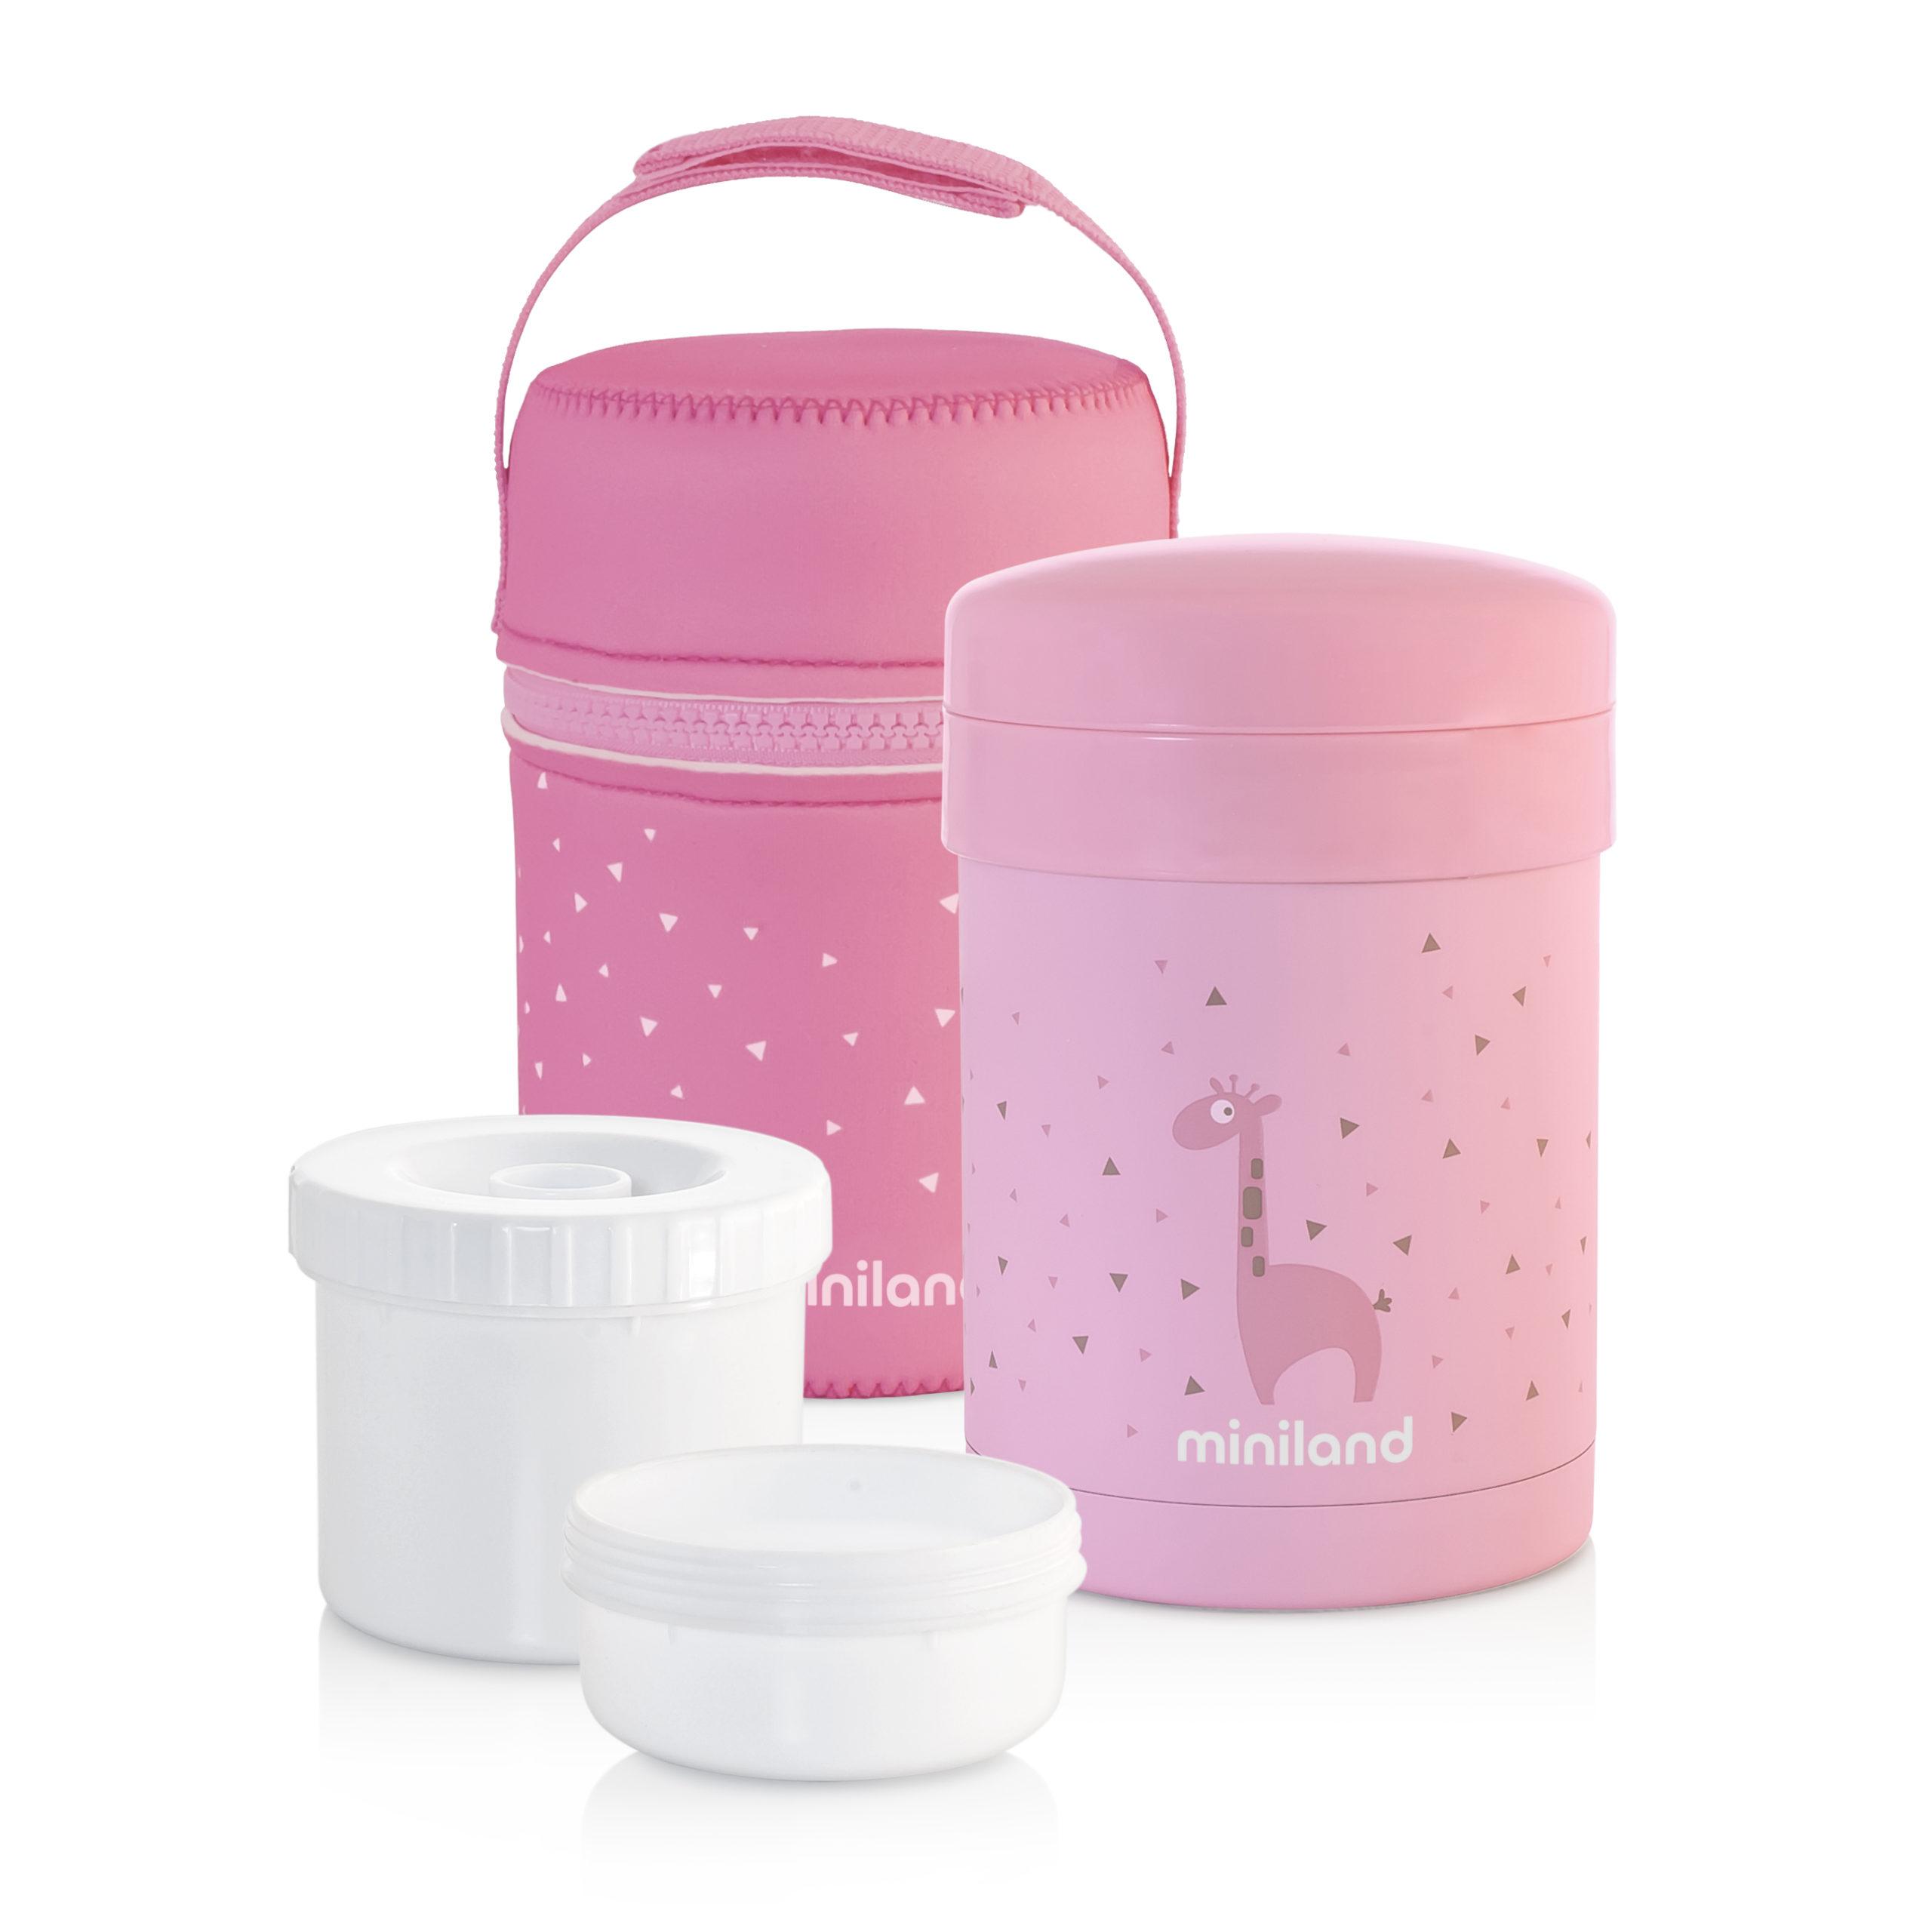 thermos per pappa solida thermetic pink di miniland